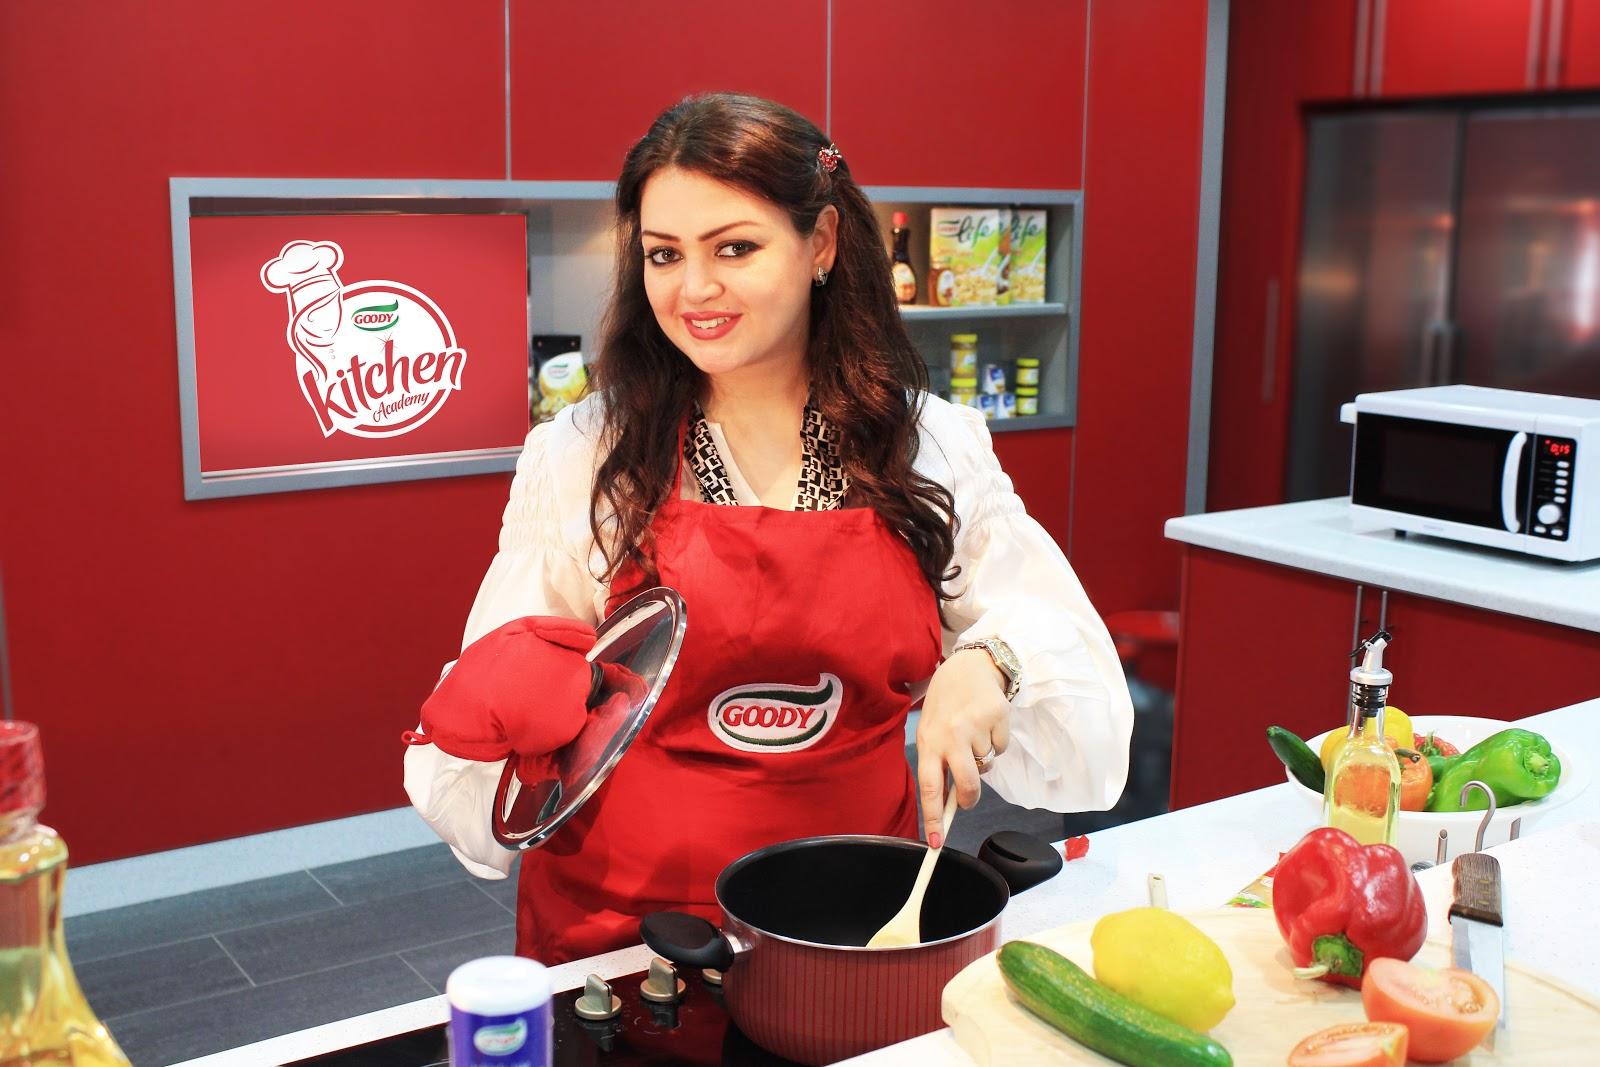 صورة مراكز تدريب فنون الطهي , اتعلمى الطبخ بسهولة وبطريقة احترافية